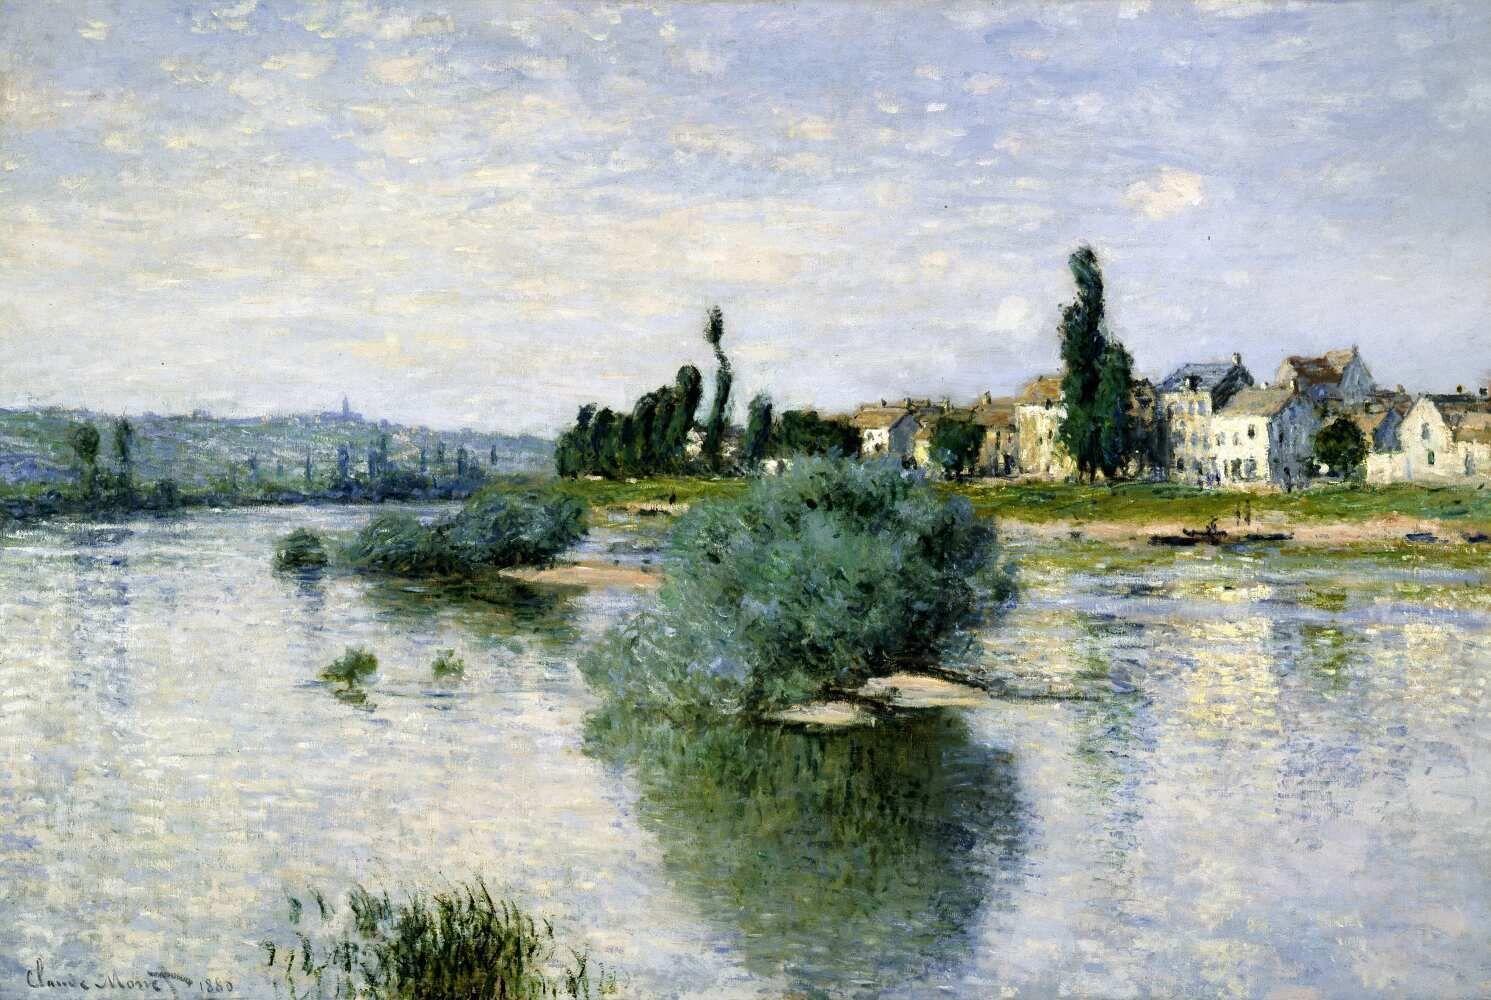 Claude Monet, Die Seine bei Lavacourt, 1880, Öl auf Leinwand, 100 x 150 cm (Dallas Museum of Art)